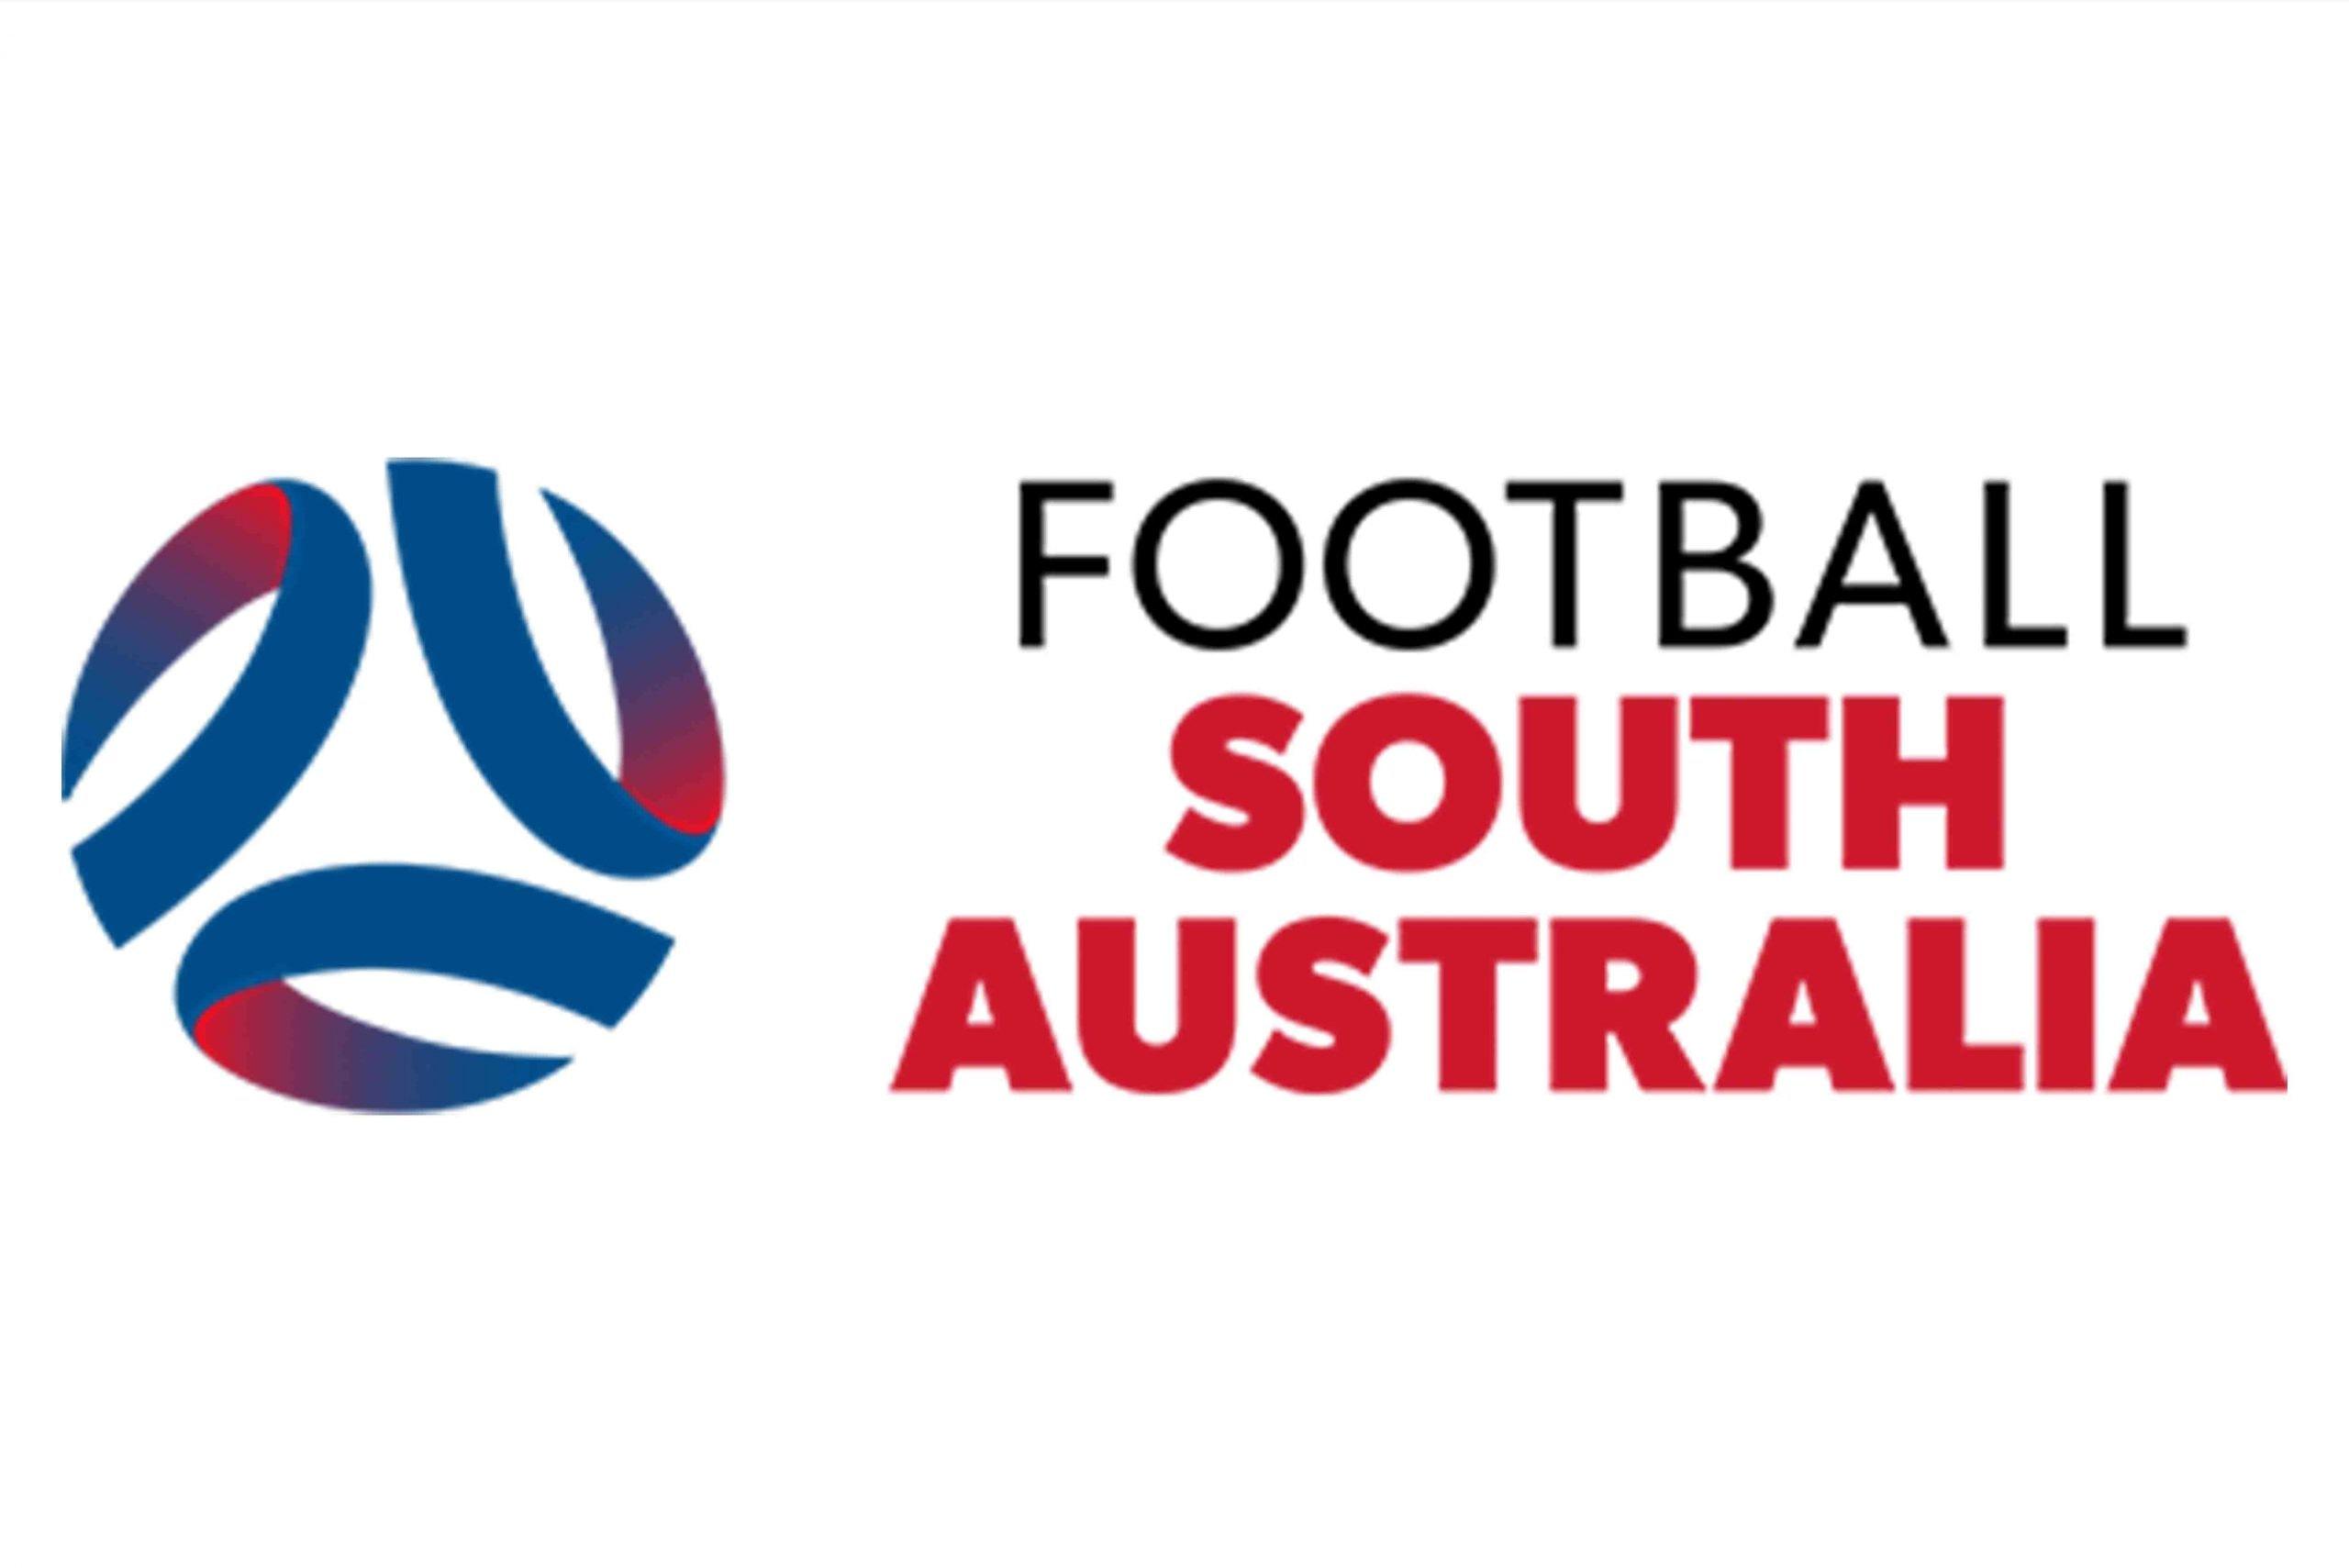 Football SA logo on white background